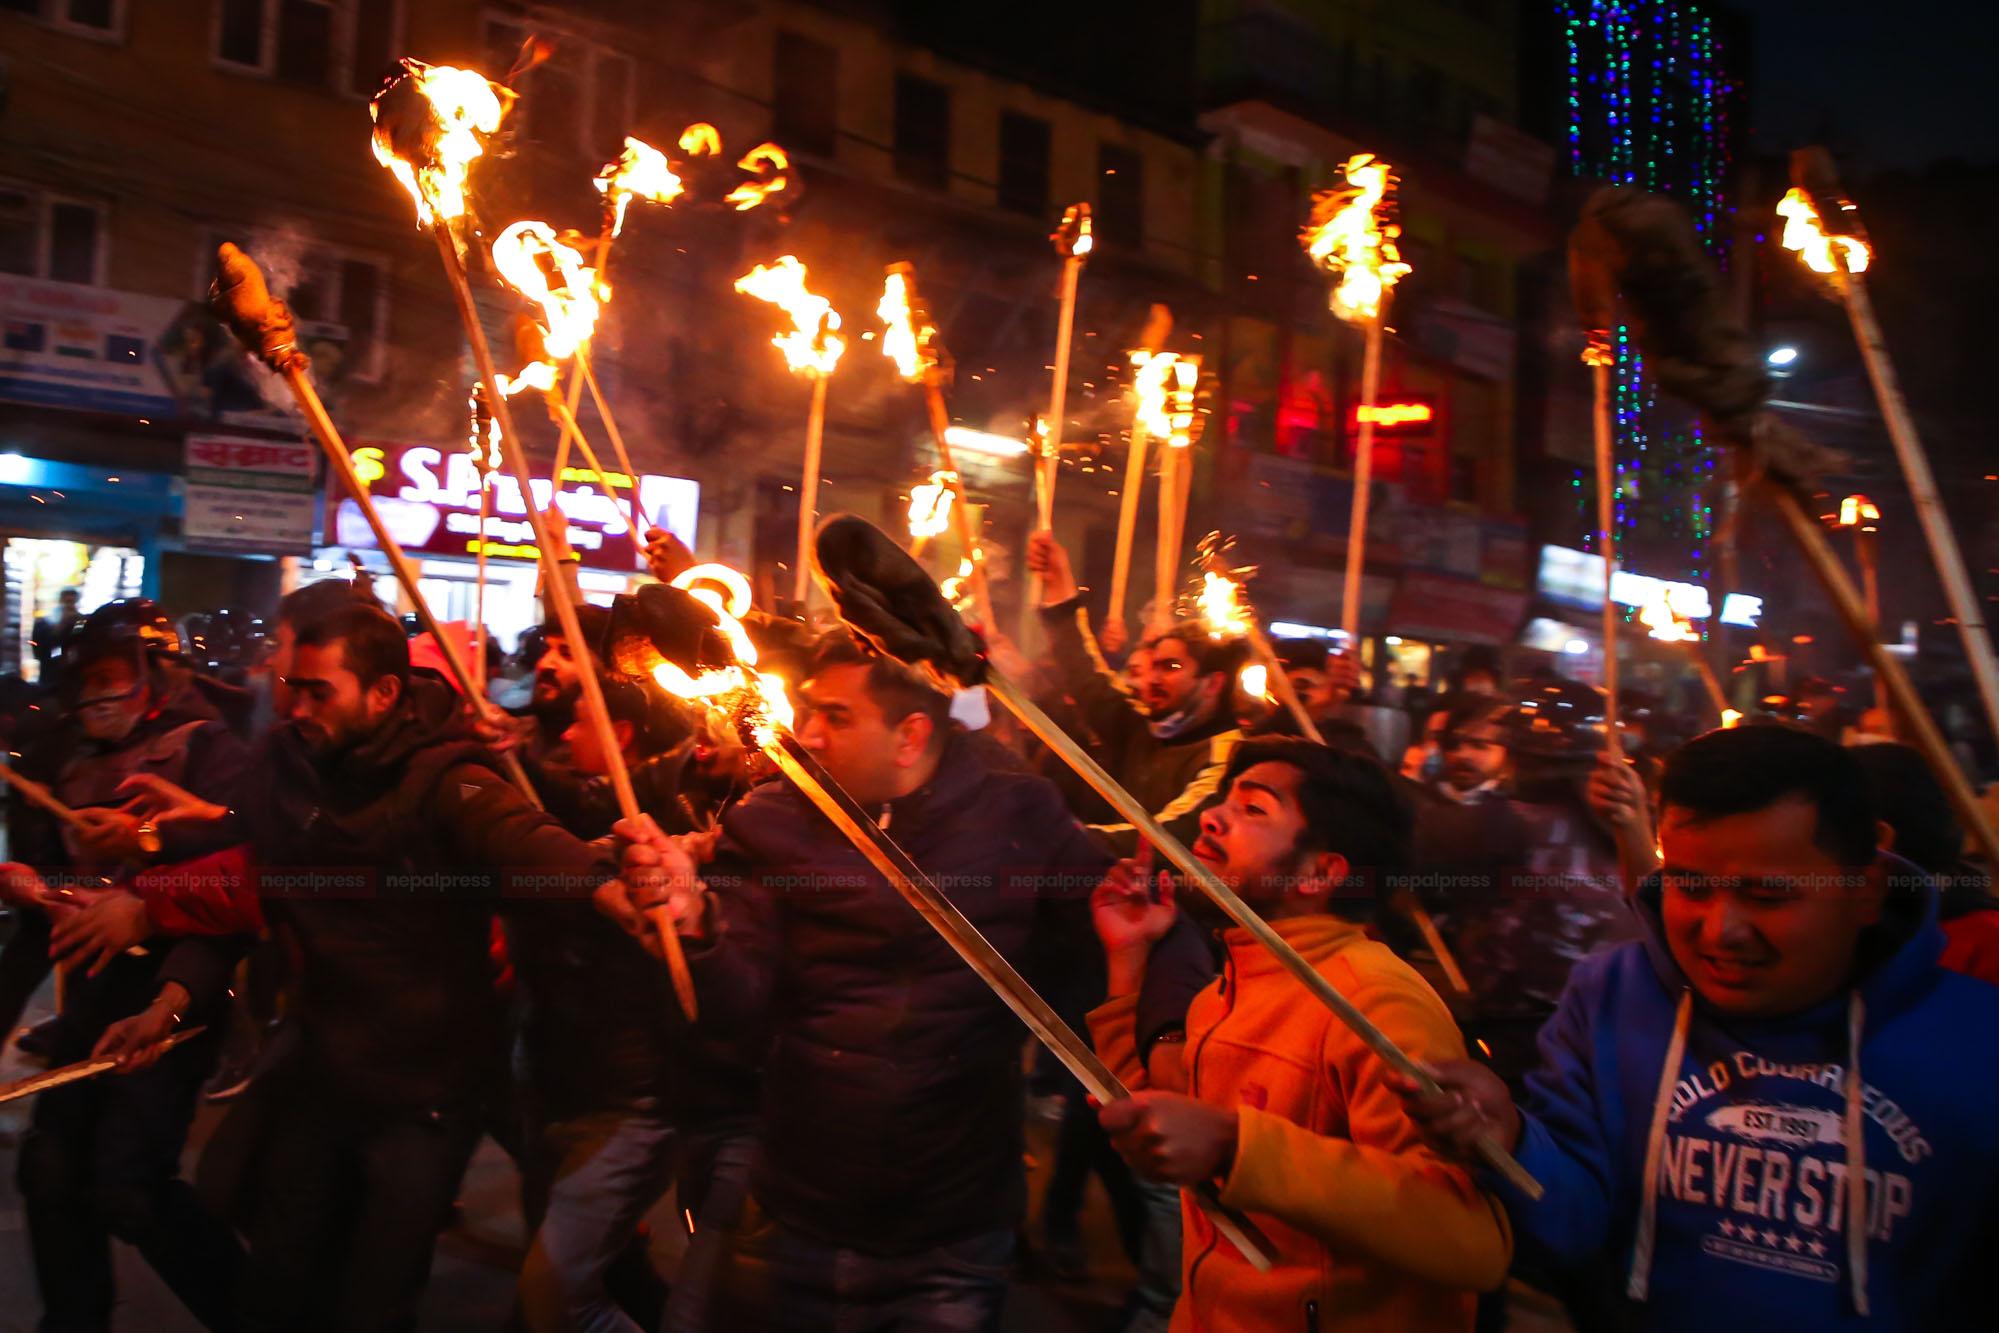 काठमाडौंमा प्रचण्ड-माधव समूहको मसाल जुलुस (फोटोफिचर)